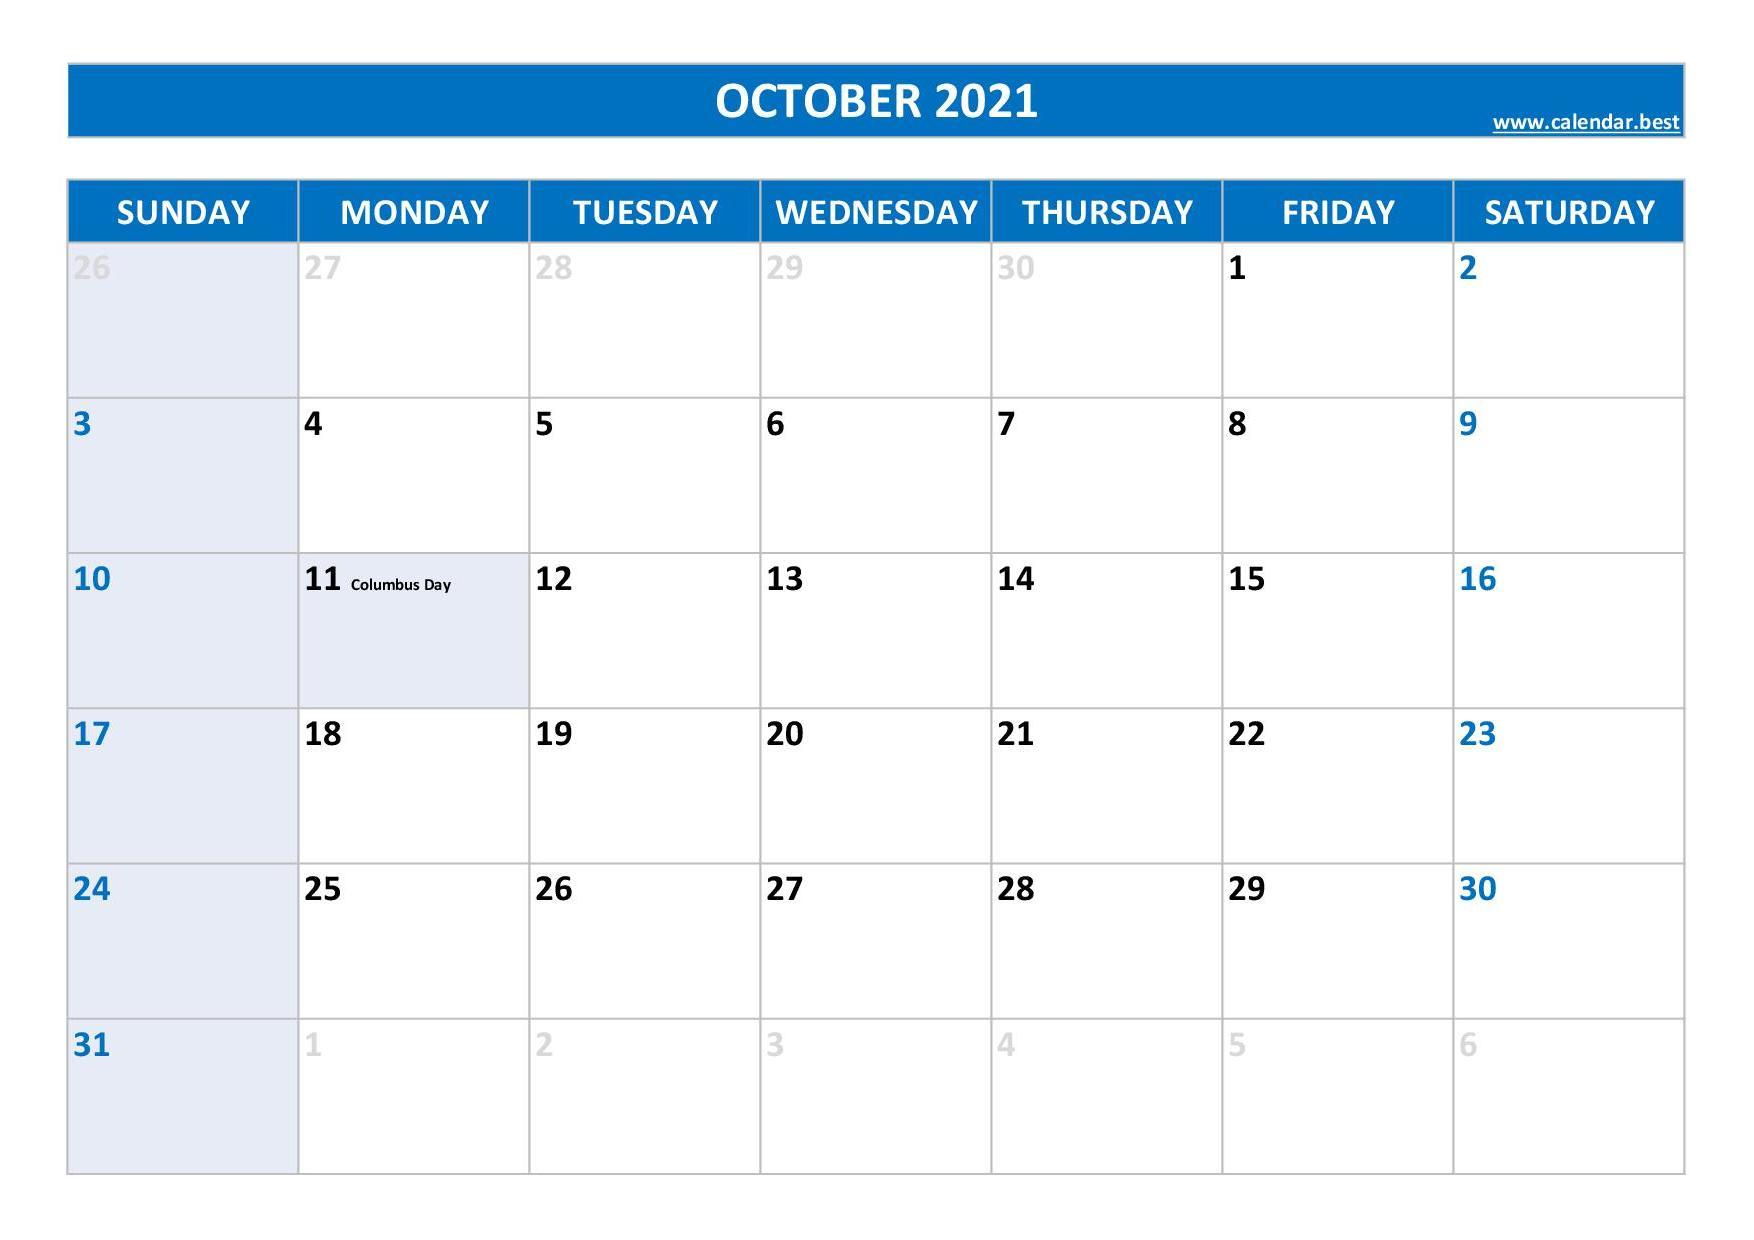 October 2021 Calendar Calendar Best